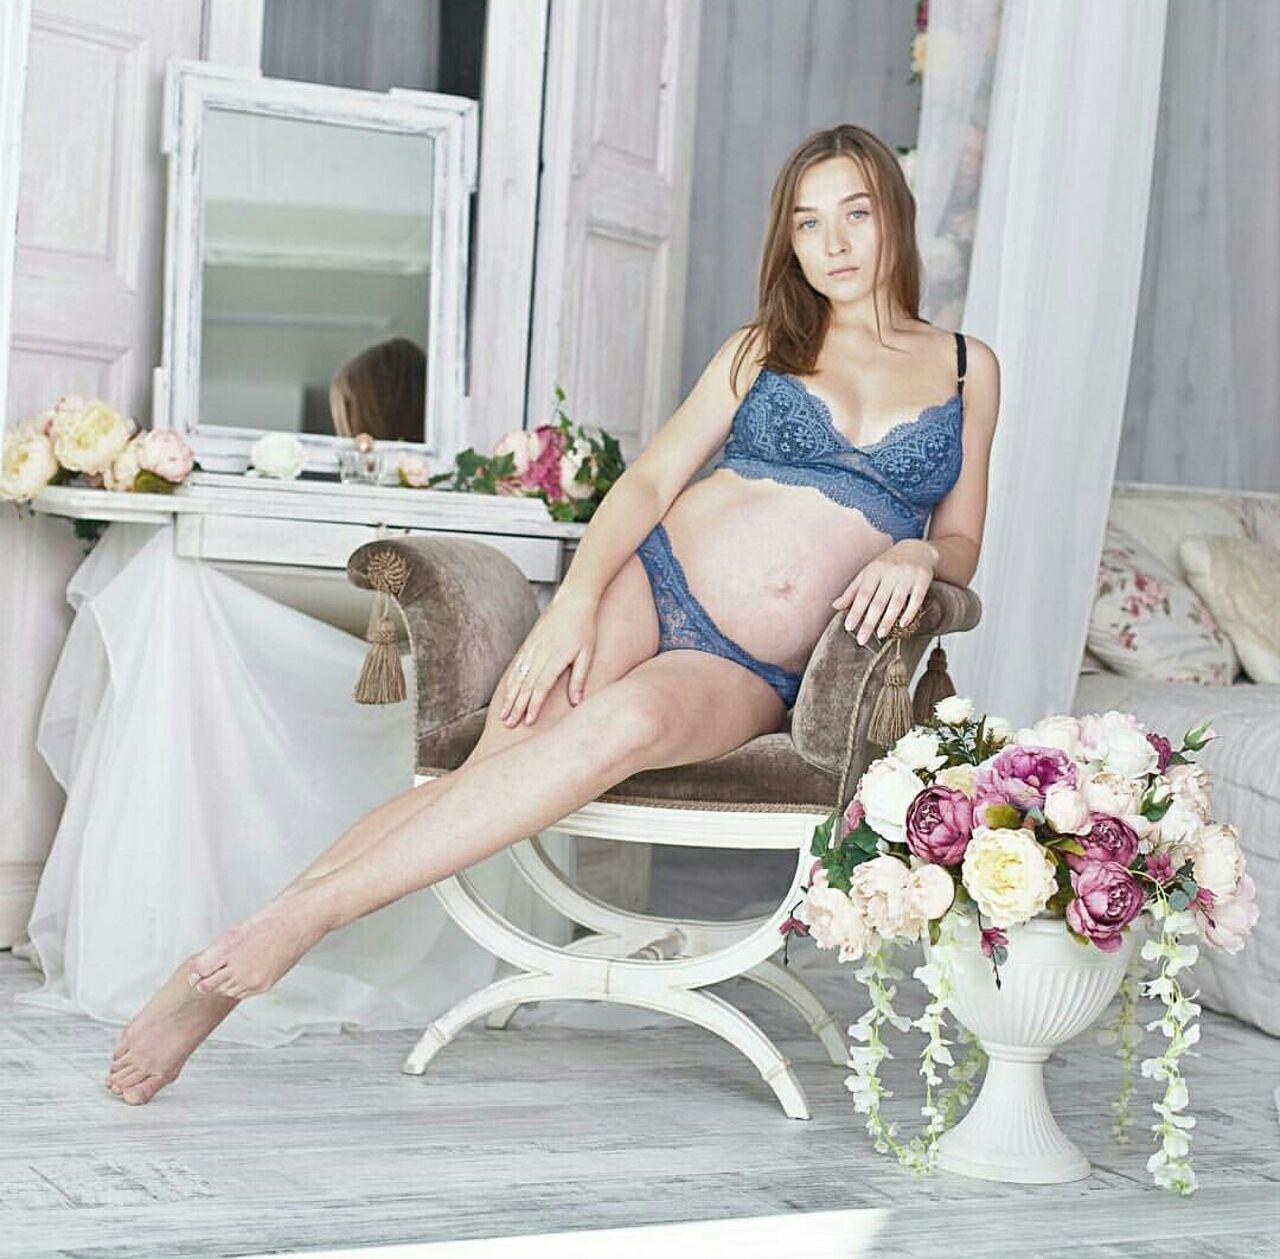 Нижнее белье для беременных и кормящих мам - 3590 руб. Дети и ... 8d47be8d520